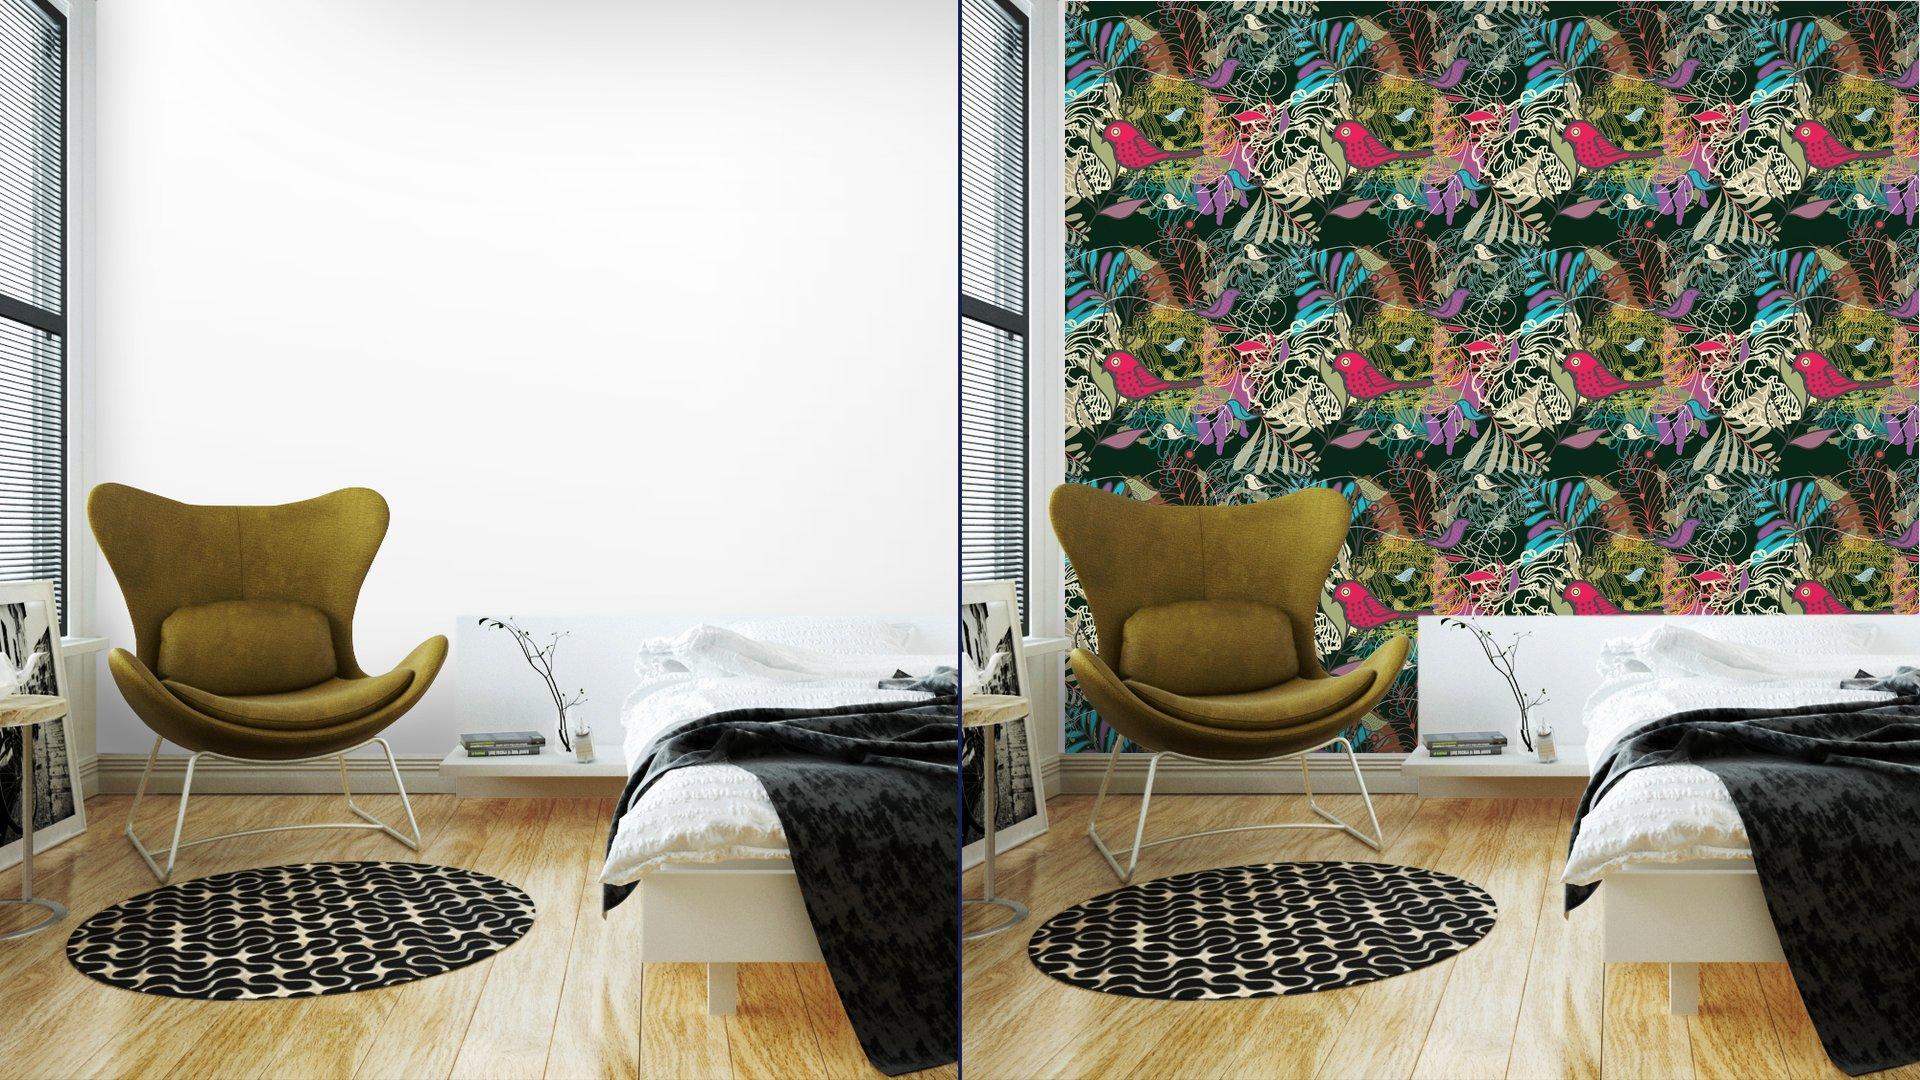 Fotomurales mexico papeles pintados autoadhesivos sin fisuras vector patron 2 - PapelTapizPatrón Floral Abstracto con Aves 01